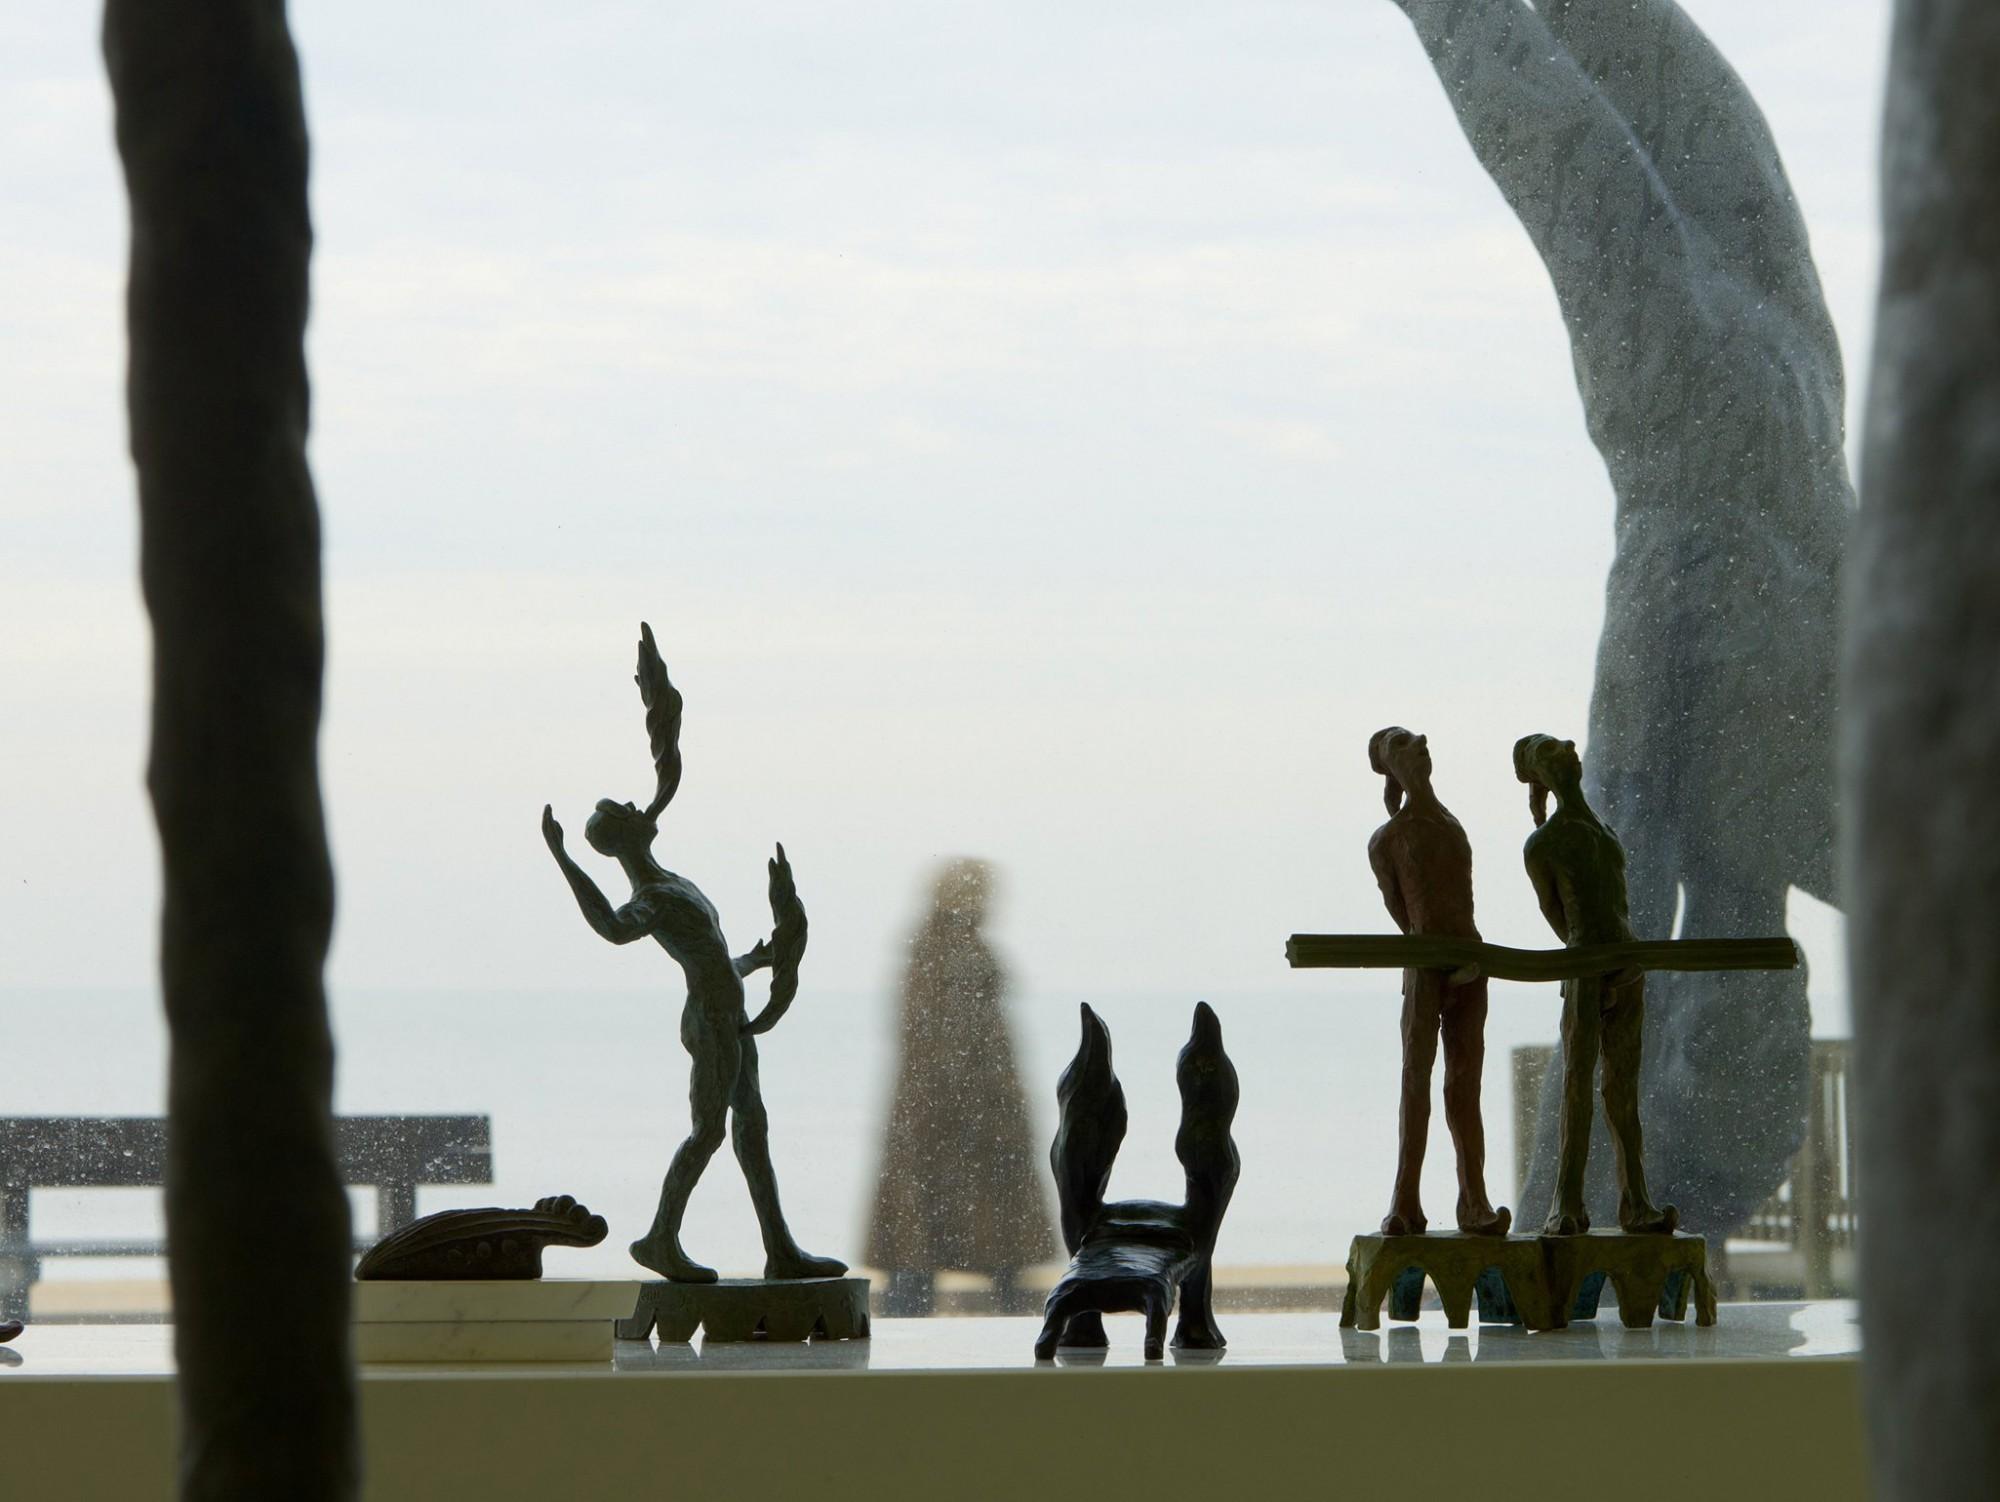 Afbeelding: Sfeerbeeld tijdens opnames voor een tentoonstelling van bronzen sculpturen © Luk Van Soom.